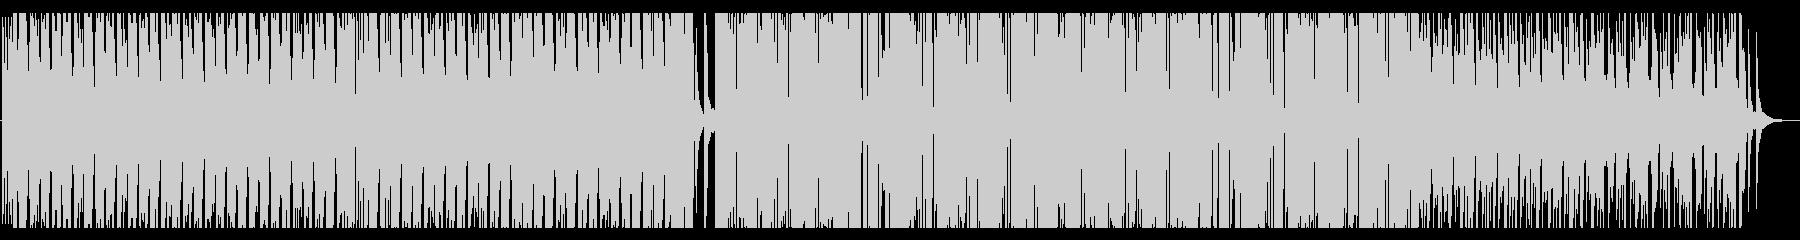 星/エレクトロハウス_No377_4の未再生の波形